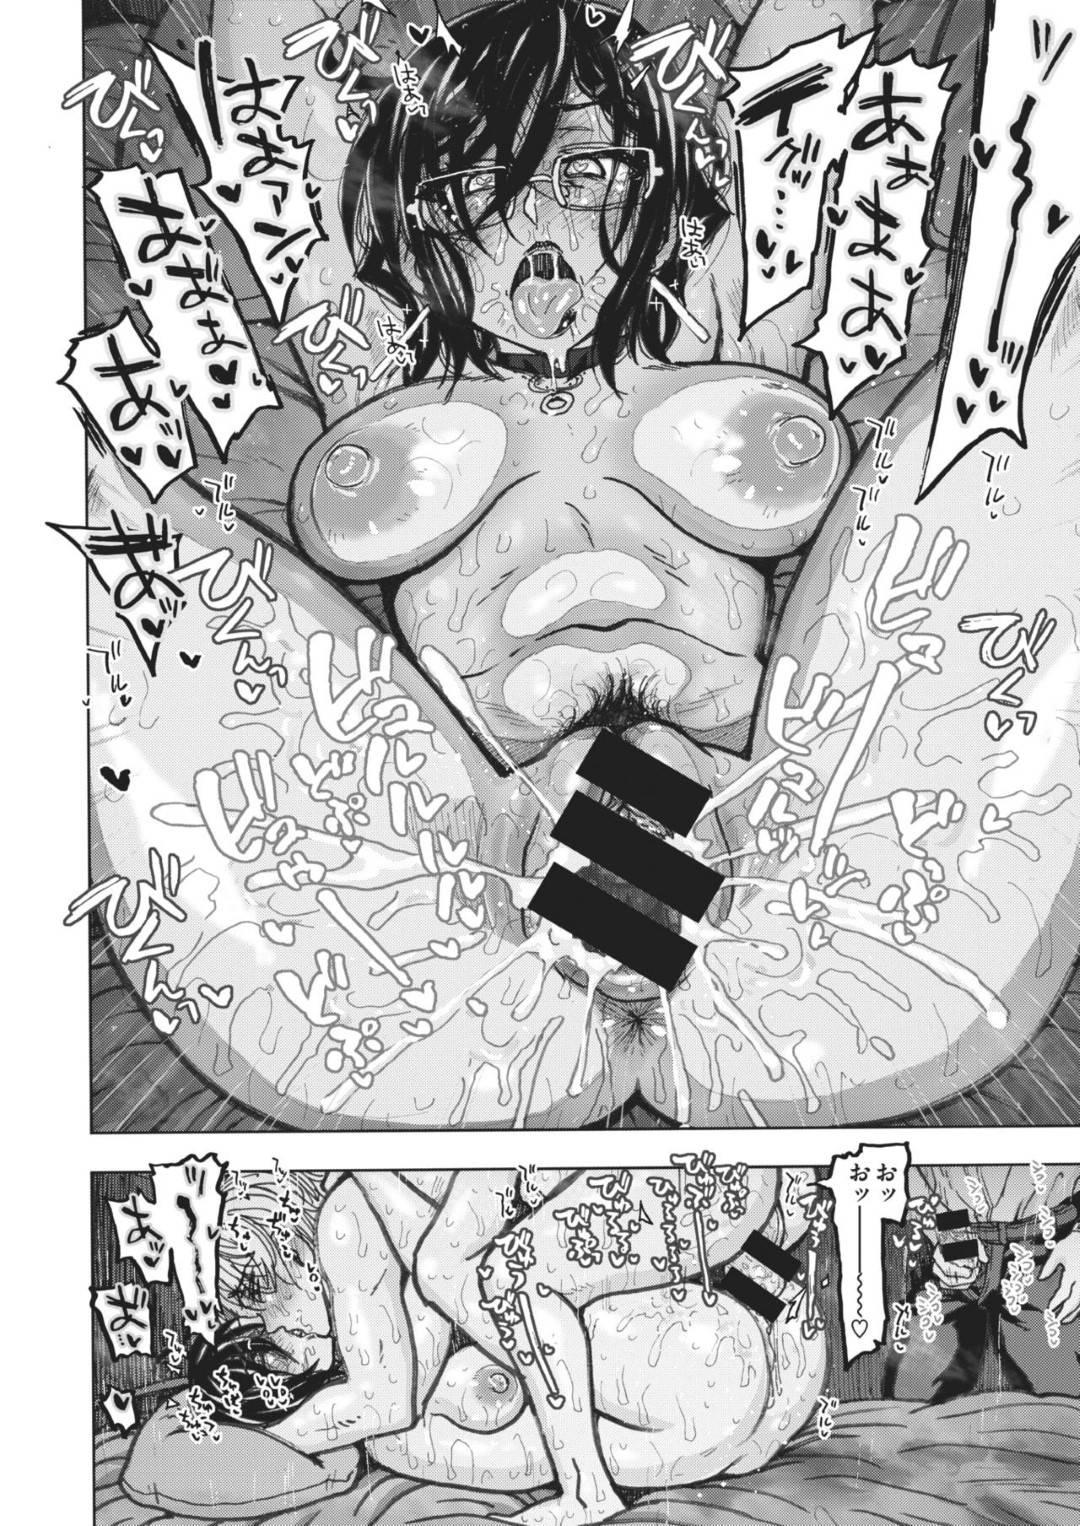 【エロ漫画】男のチンポにすっかり快楽堕ちしてしまった女上司…調教を受けるようになった彼女は野外露出をさせられたり、人前で中出しセックスさせられたりする!